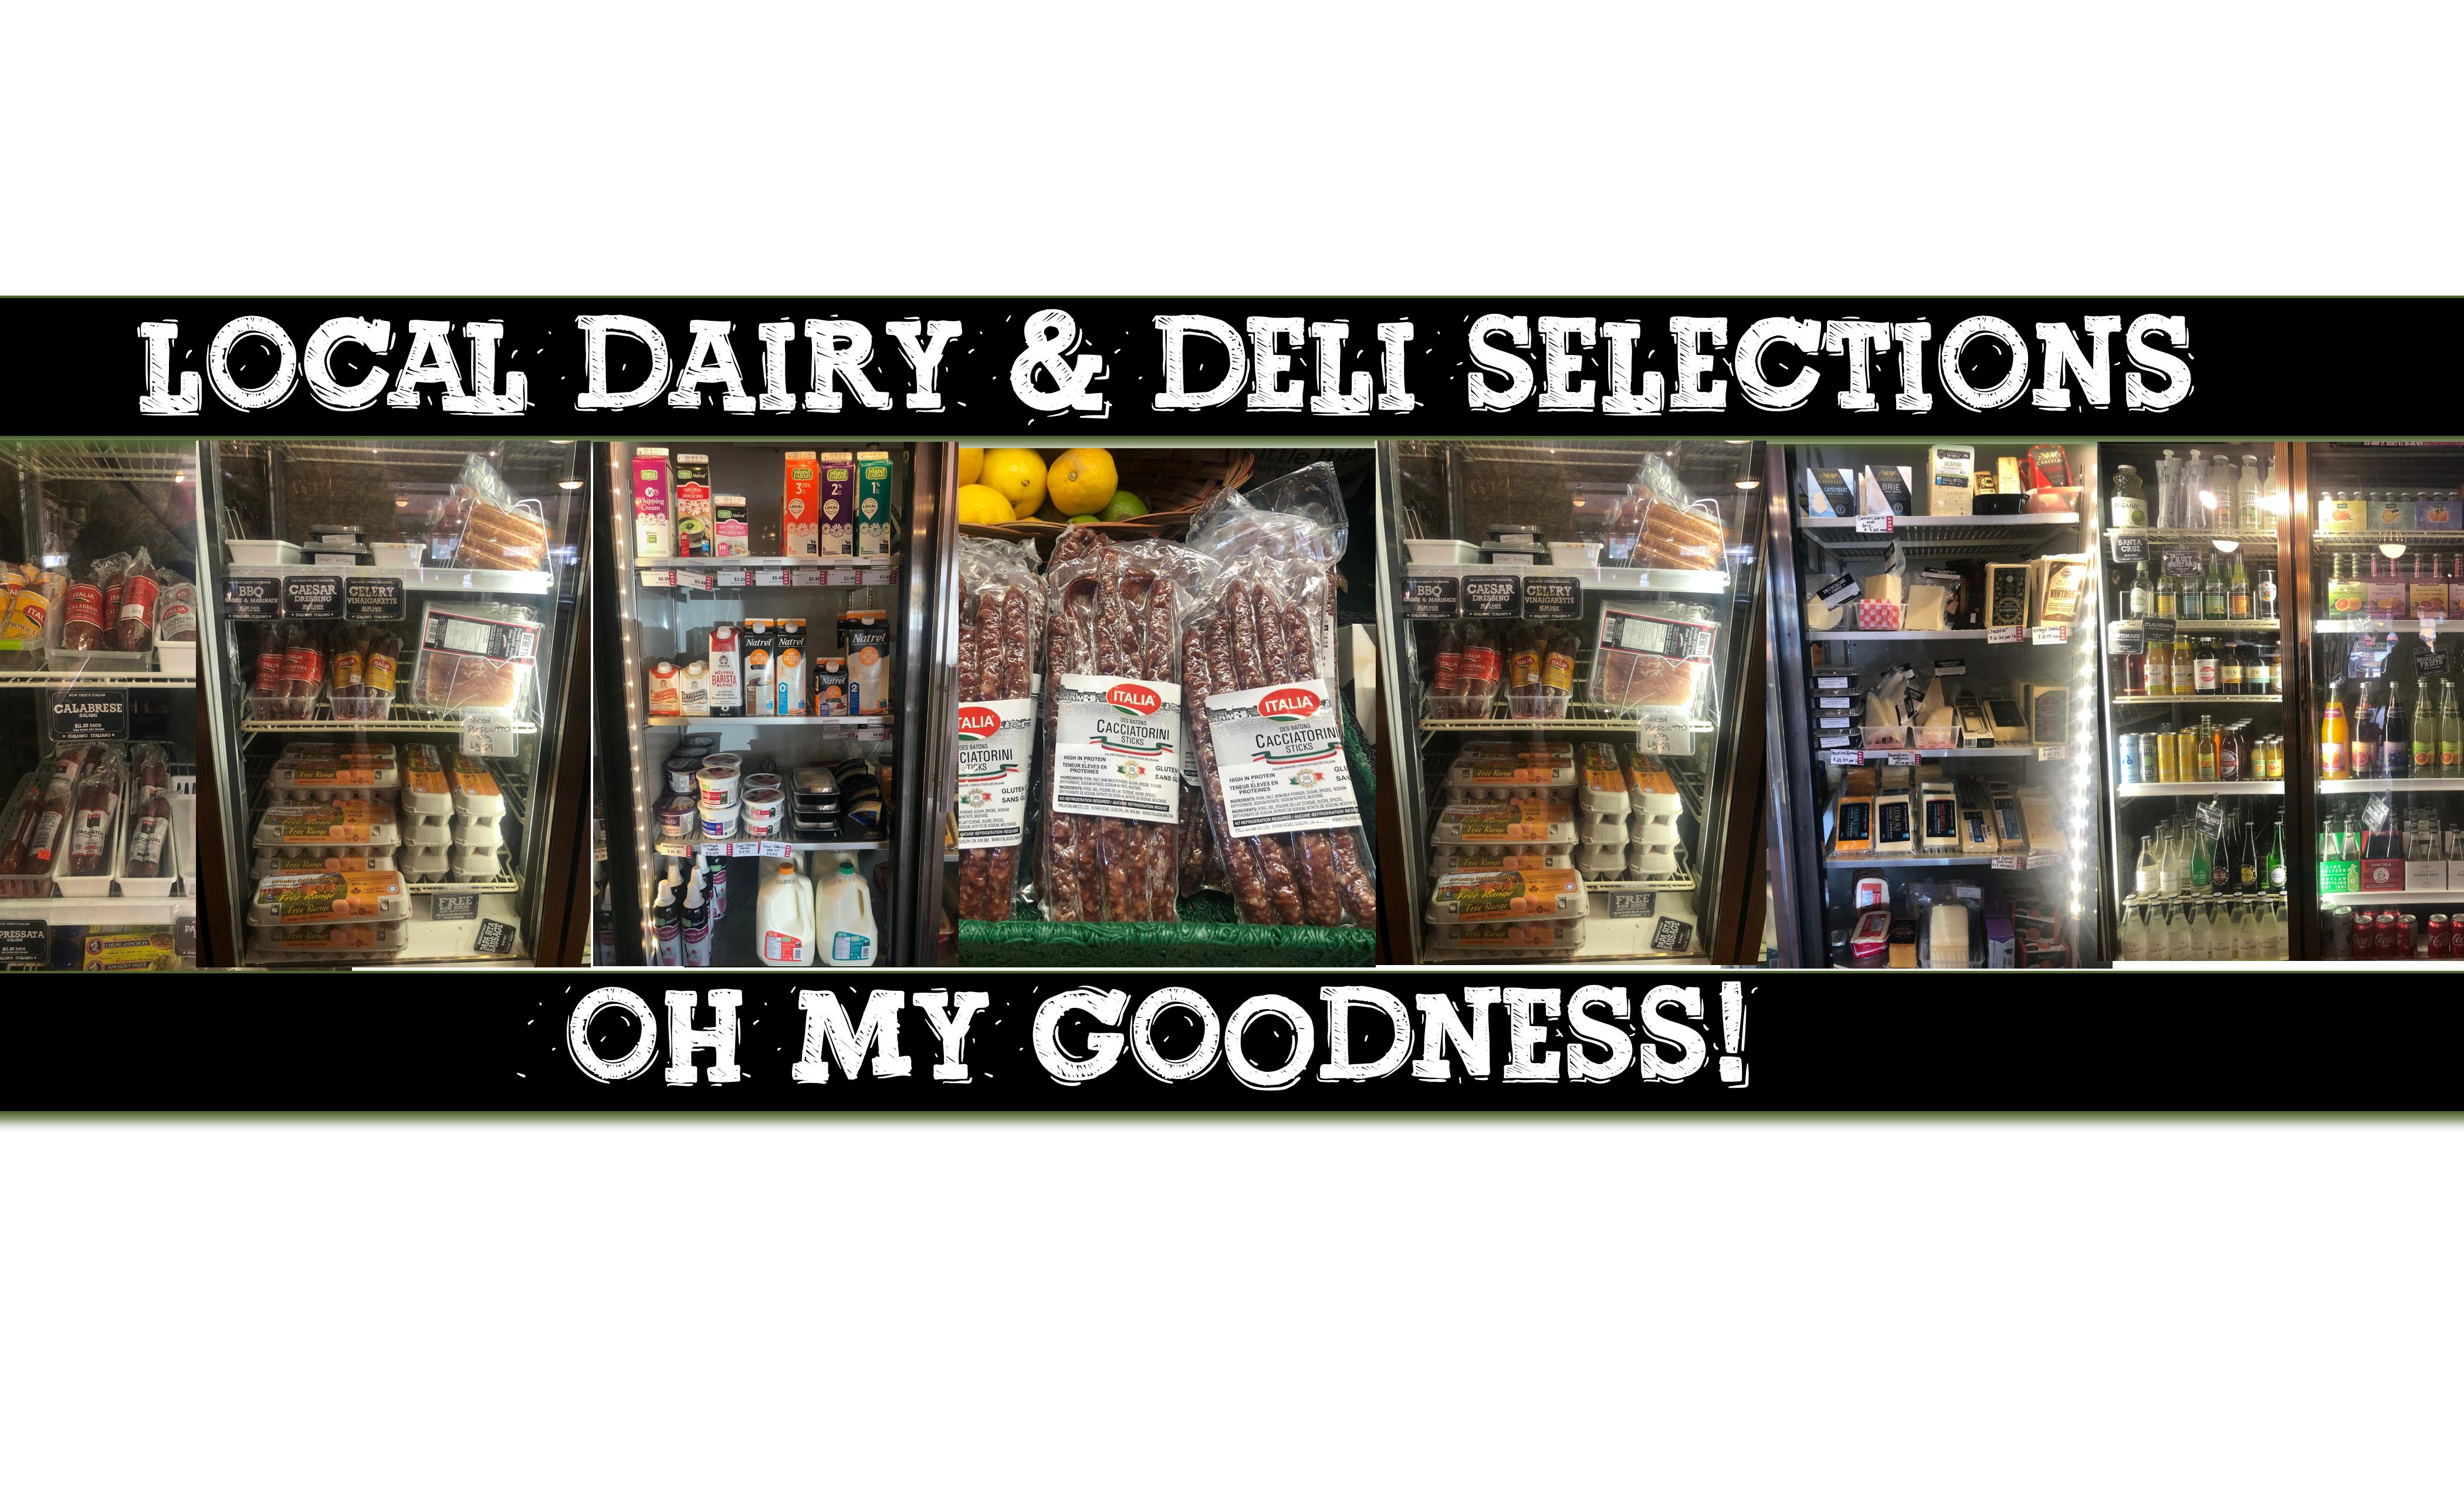 Galiano Dairy Deli